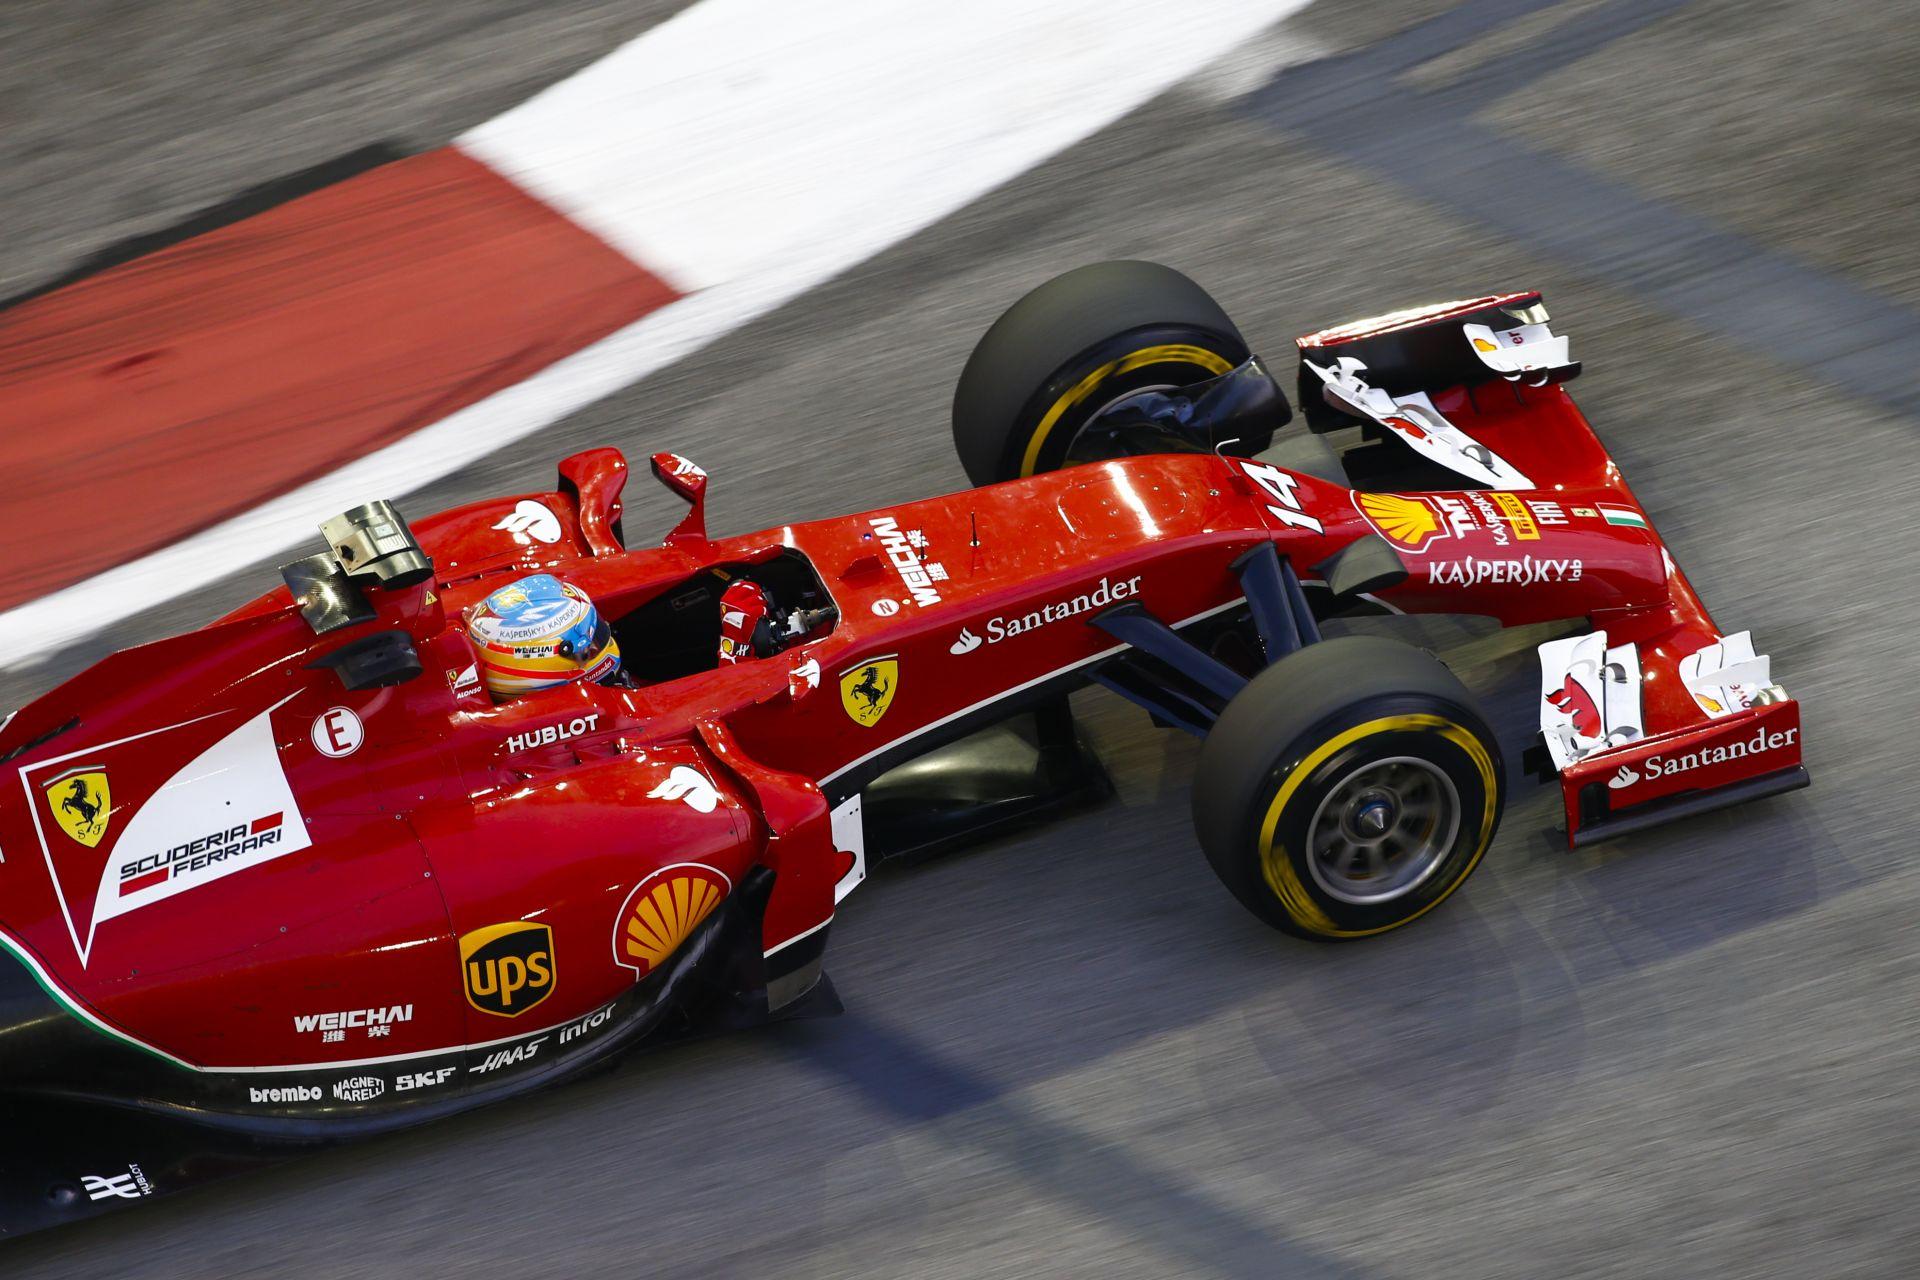 Alonso nyerte a harmadik szabadedzést az időmérő előtt Szingapúrban! Raikkönen csak 9. lett a másik Ferrarival